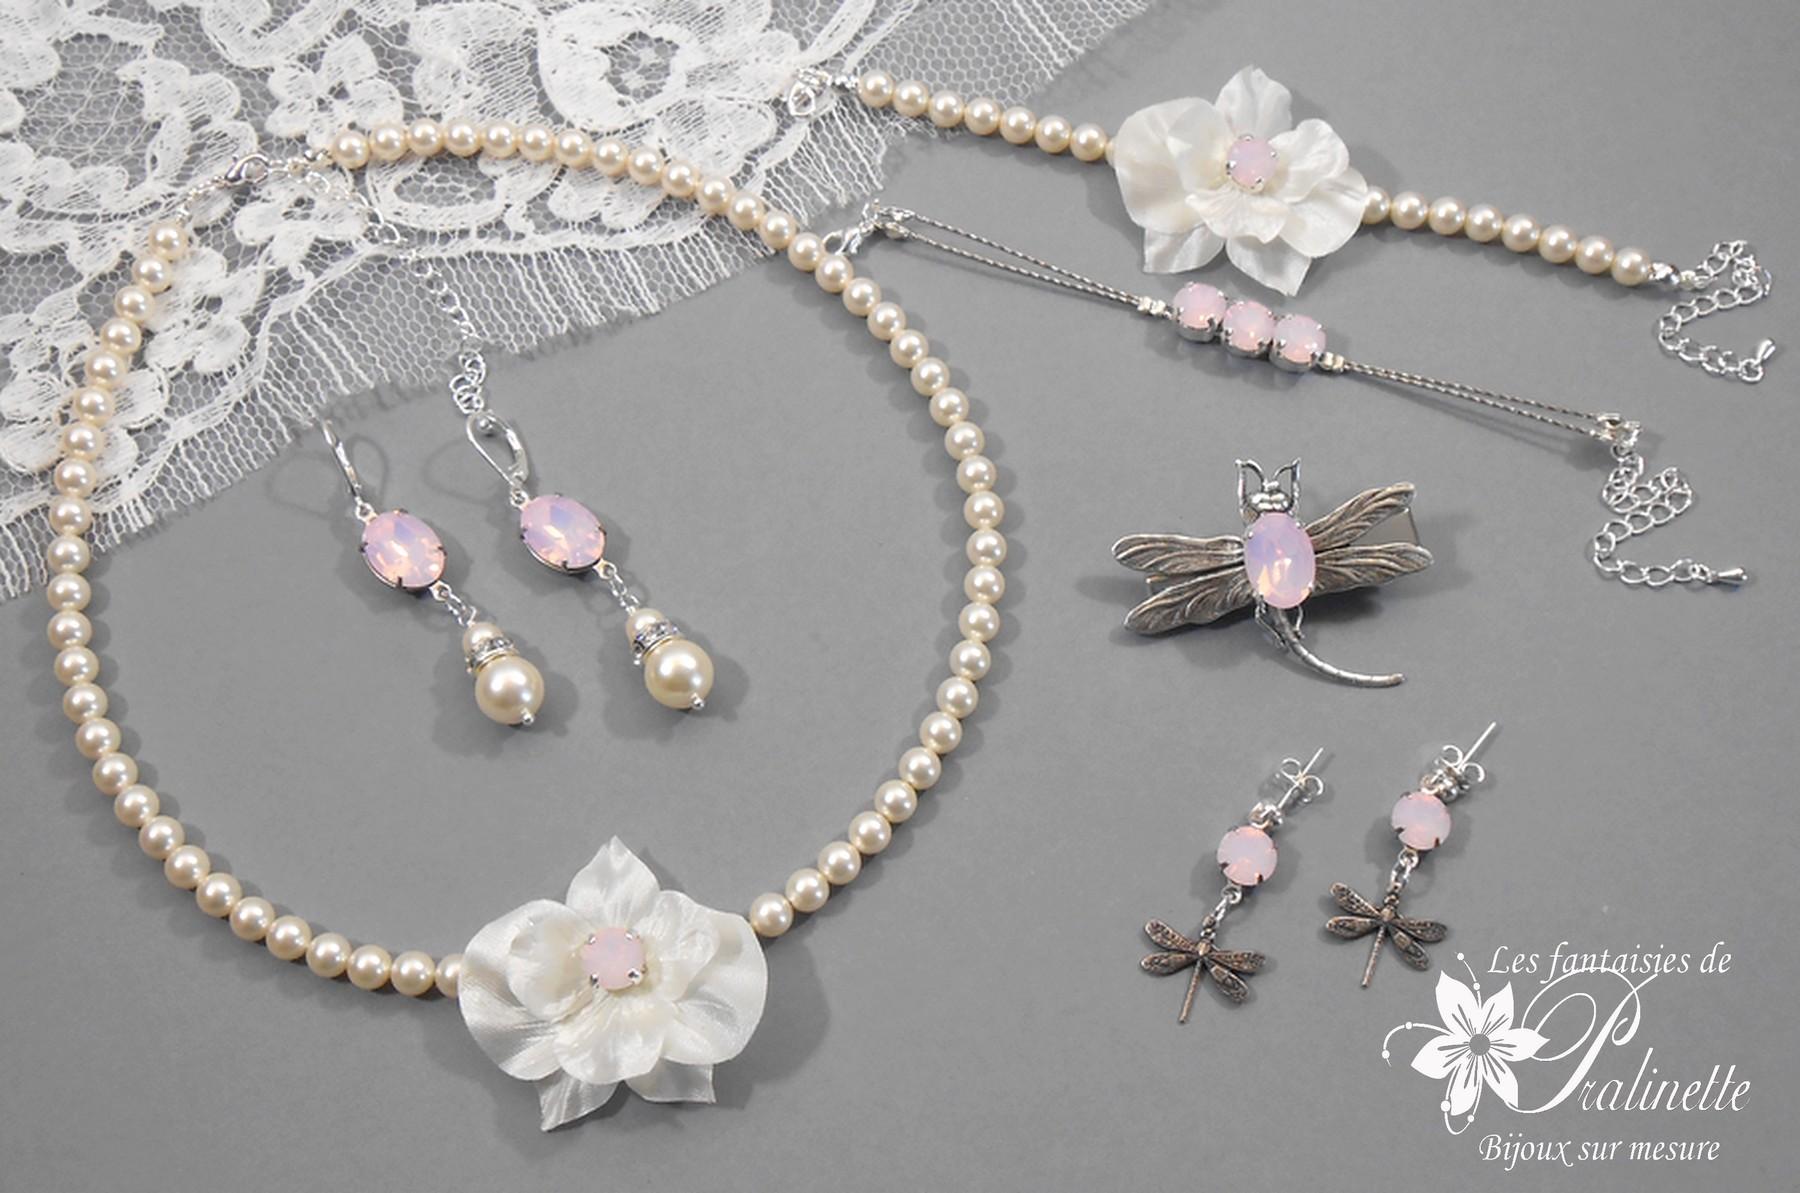 Parure sur mesure personnalisée avec orchidées, perles nacrées ivoire.